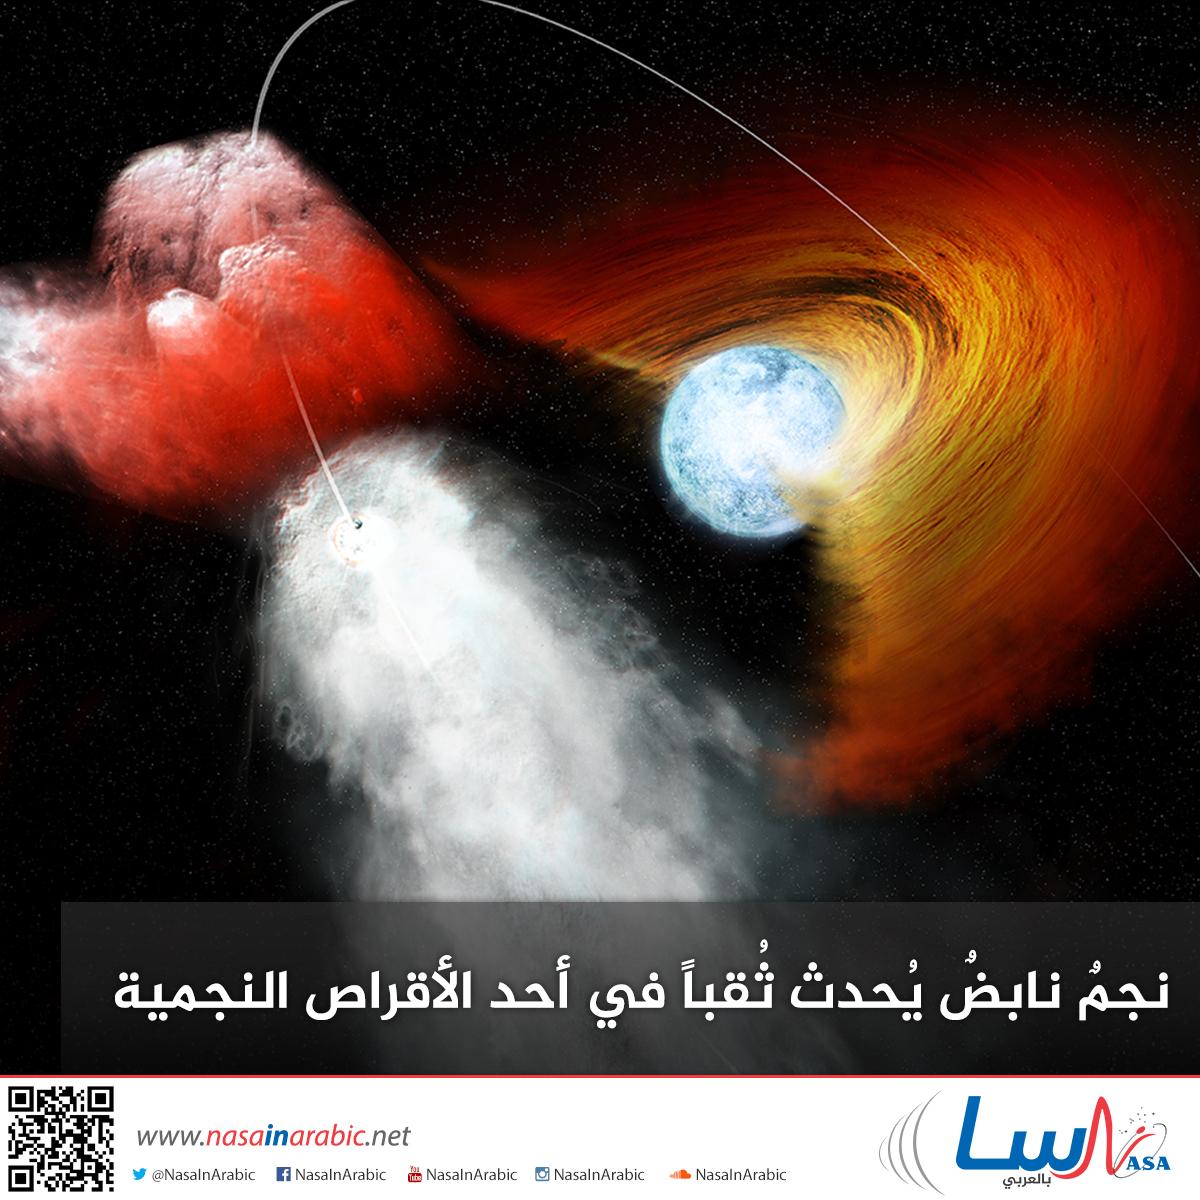 نجمٌ نابضٌ يُحدث ثُقباً في أحد الأقراص النجمية